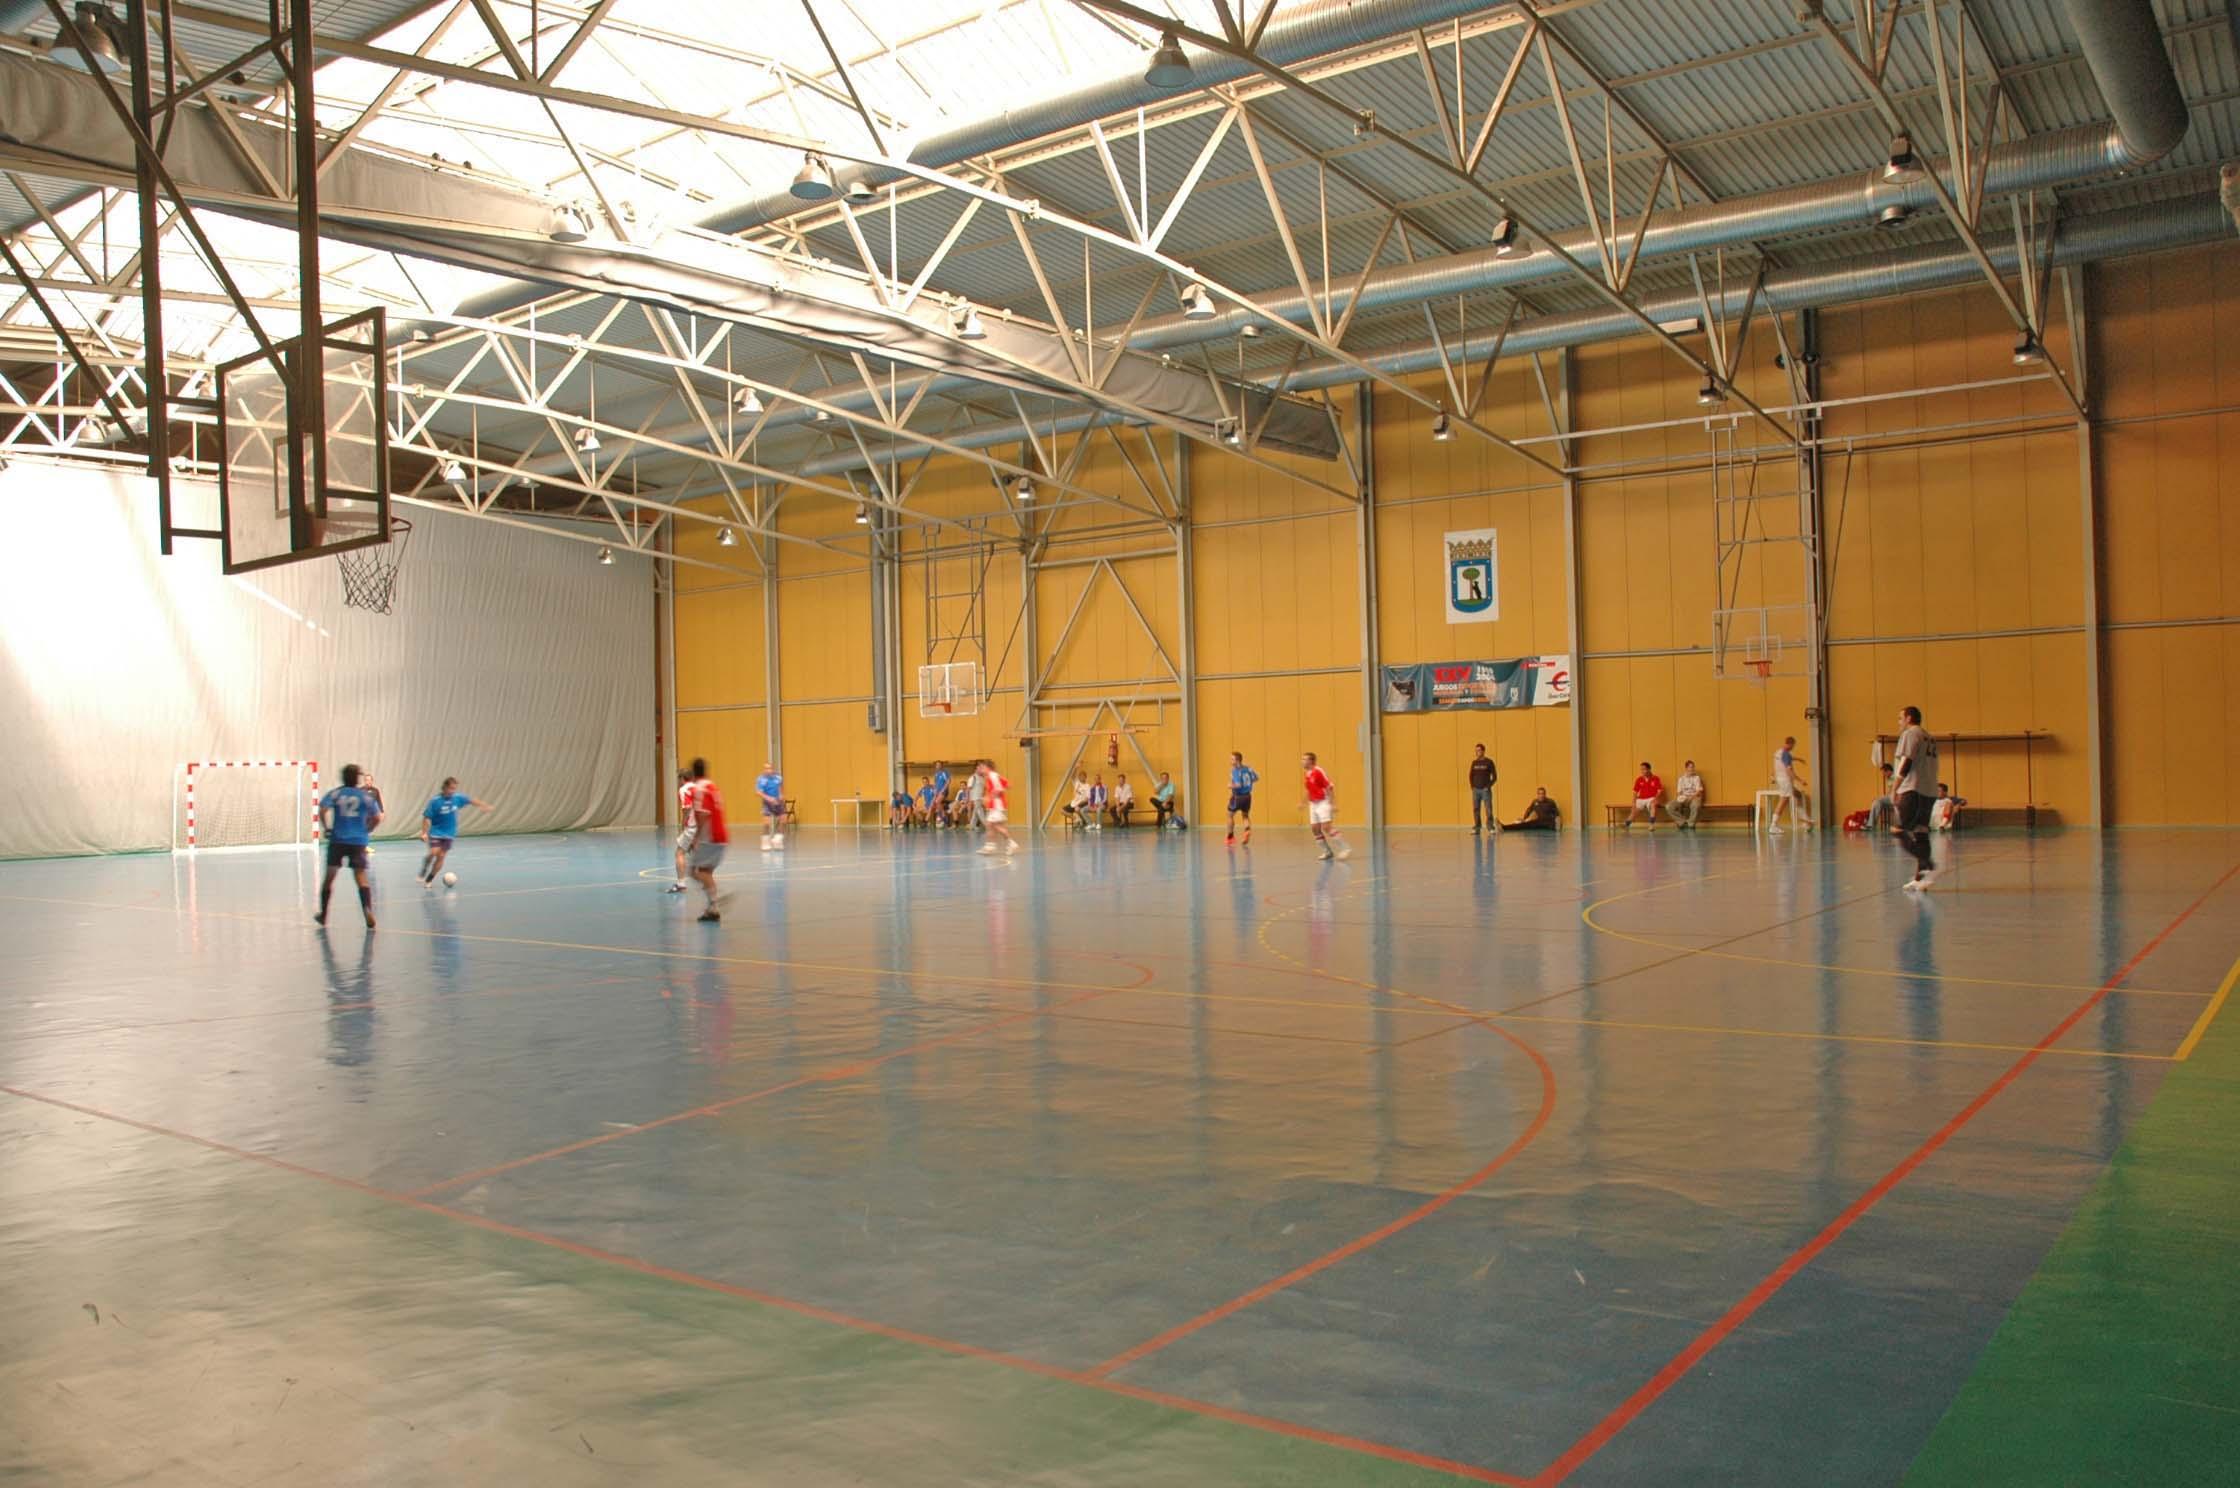 Pabellon de deportes de madrid dover grey pabelln for Gimnasio nirvana